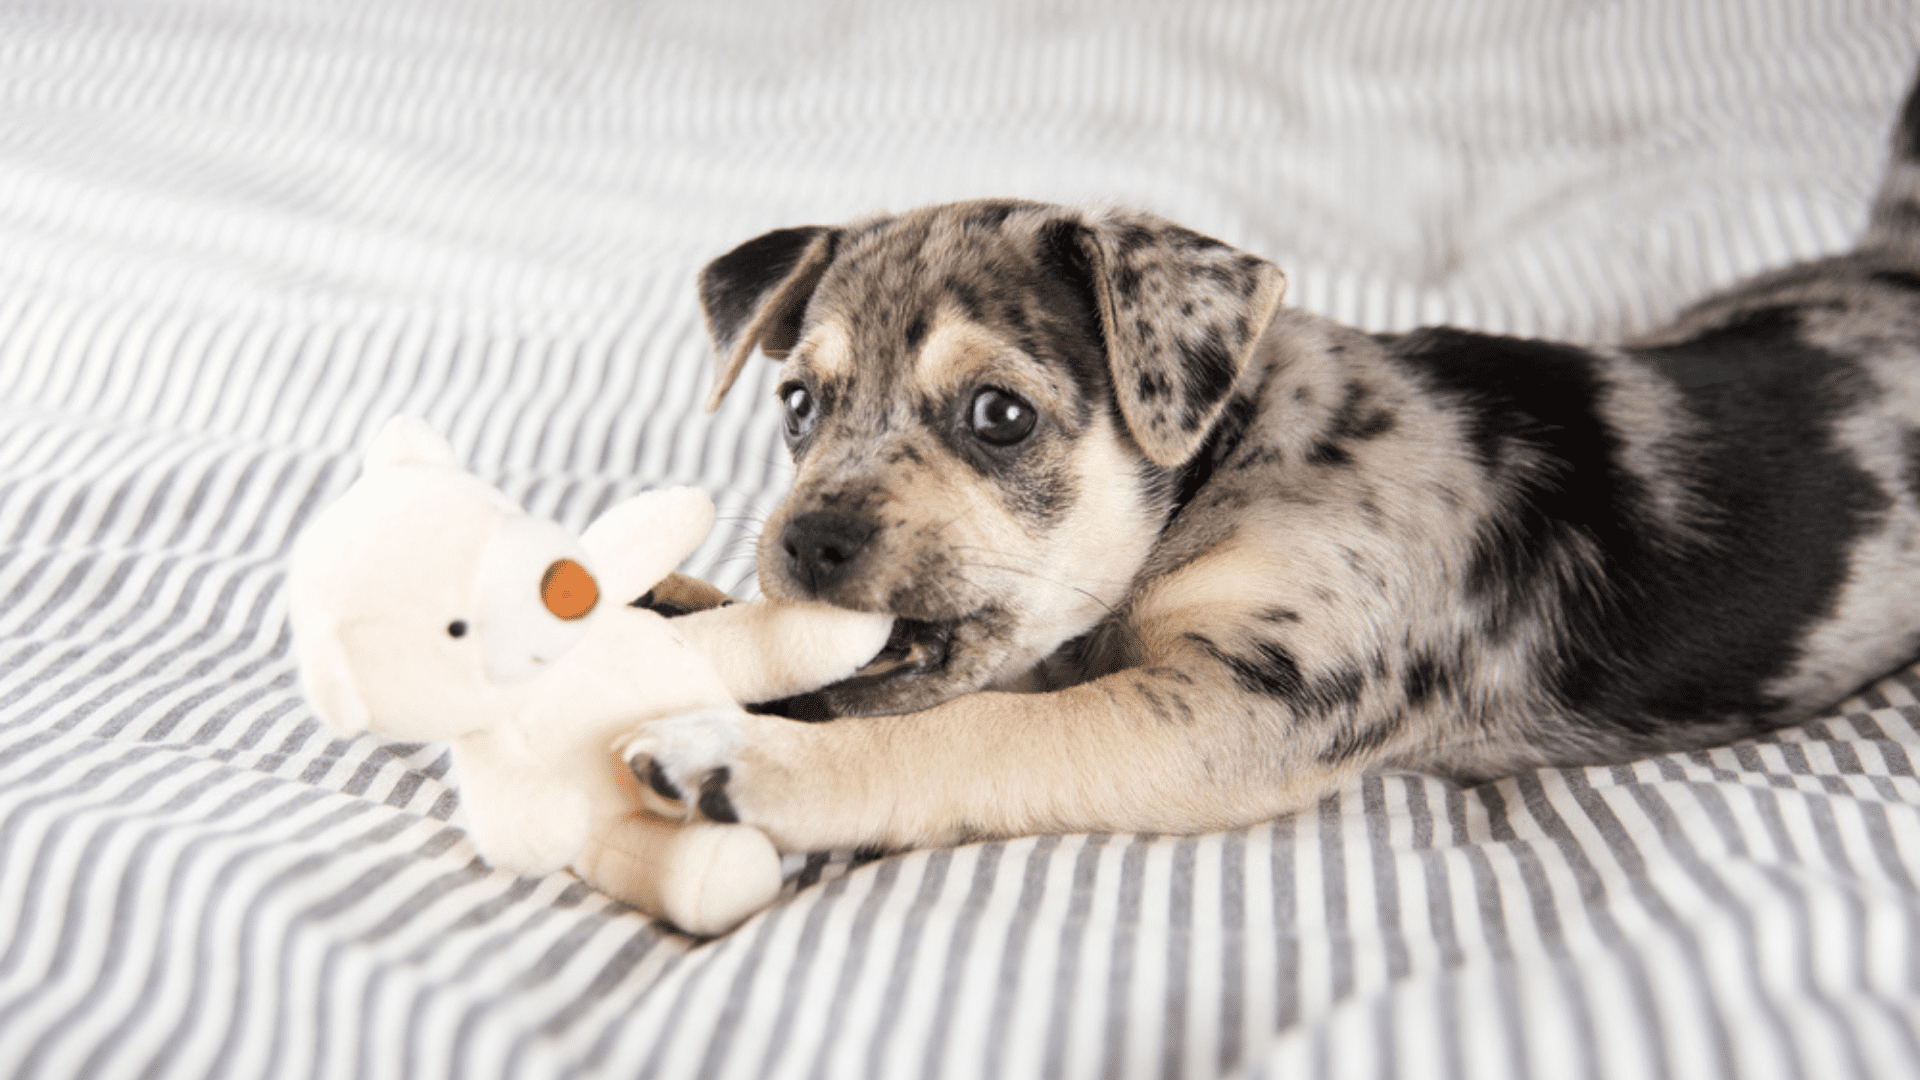 O bicho de pelúcia para cachorro pode funcionar como um companheiro para o pet (Reprodução/Shutterstock)